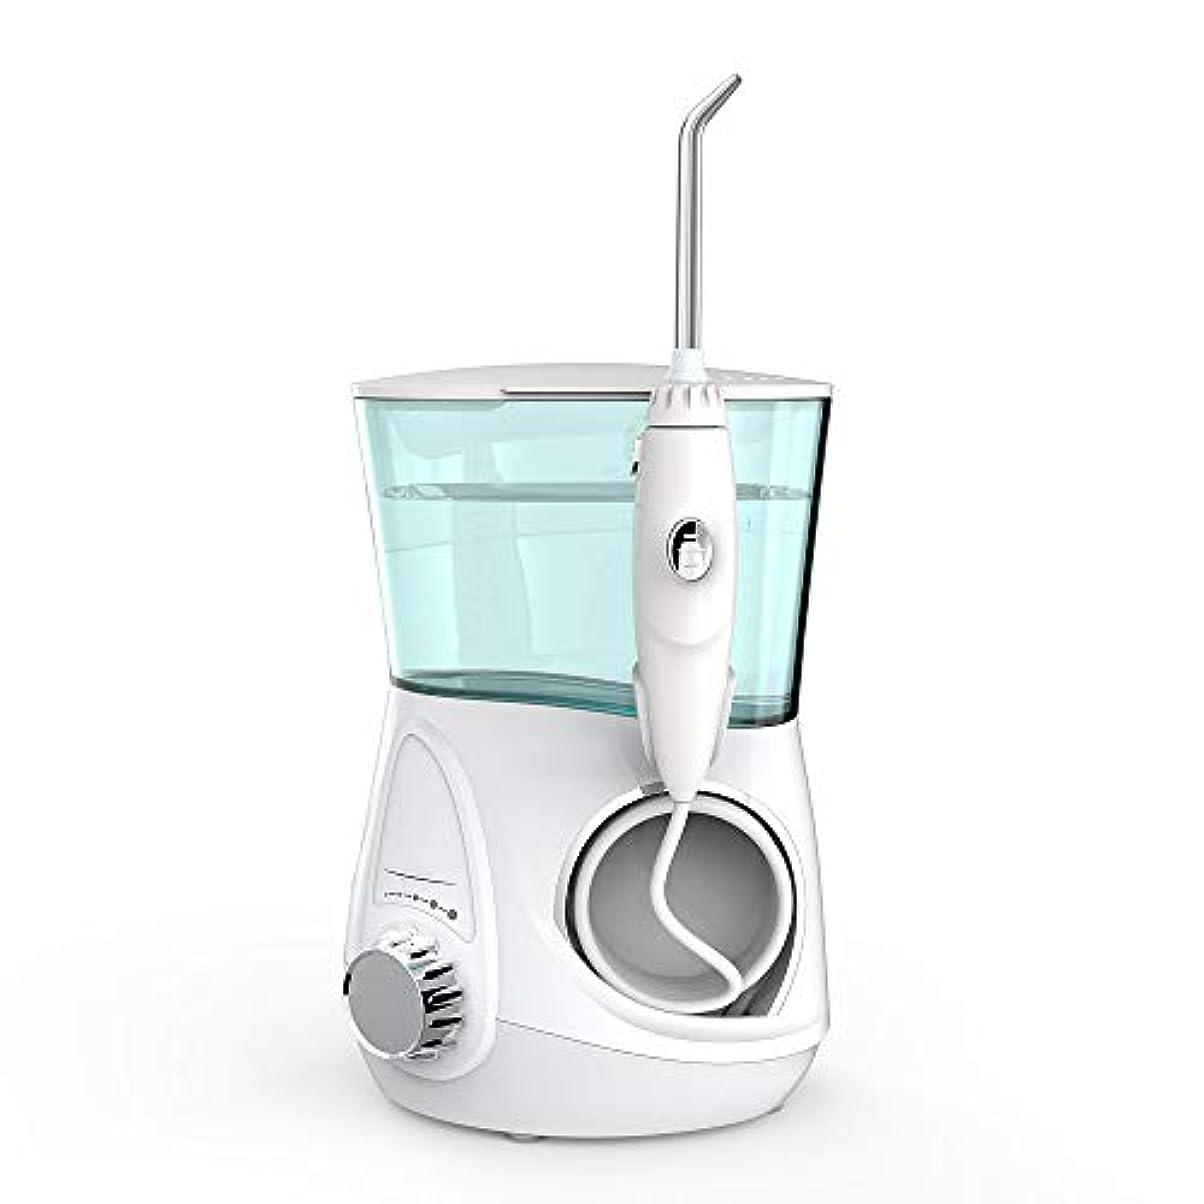 エキス舗装いとこ水フロッサー口腔洗浄器、電気家庭用洗濯機ウォーターフロスケア充電式ウォーターピックジェット歯クリーニングで5ピースジェットti